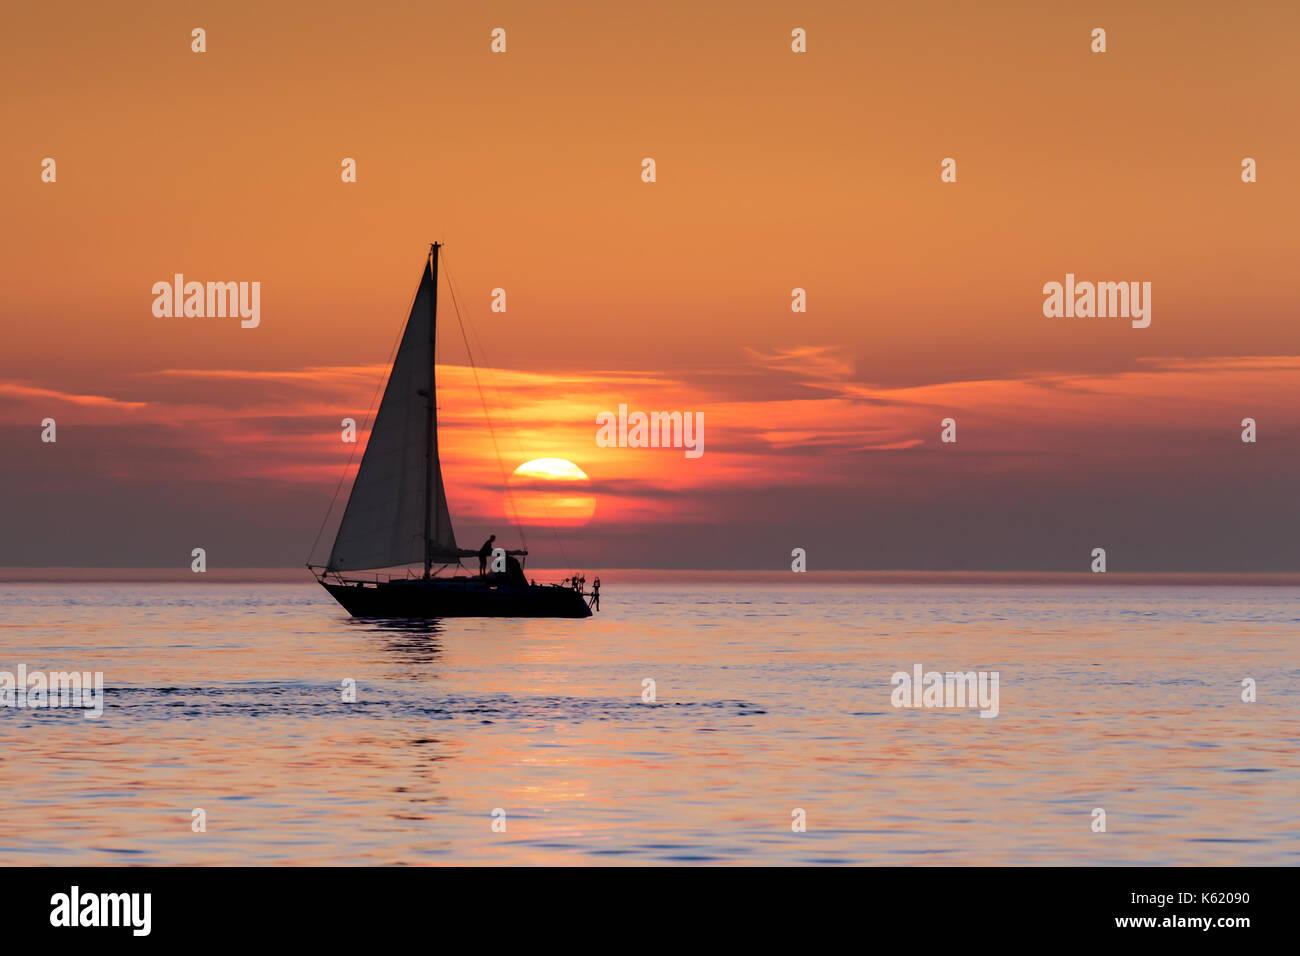 Une personne de mettre les voiles sur un bateau au coucher du soleil sur l'horizon de la baie de Cardigan Photo Stock